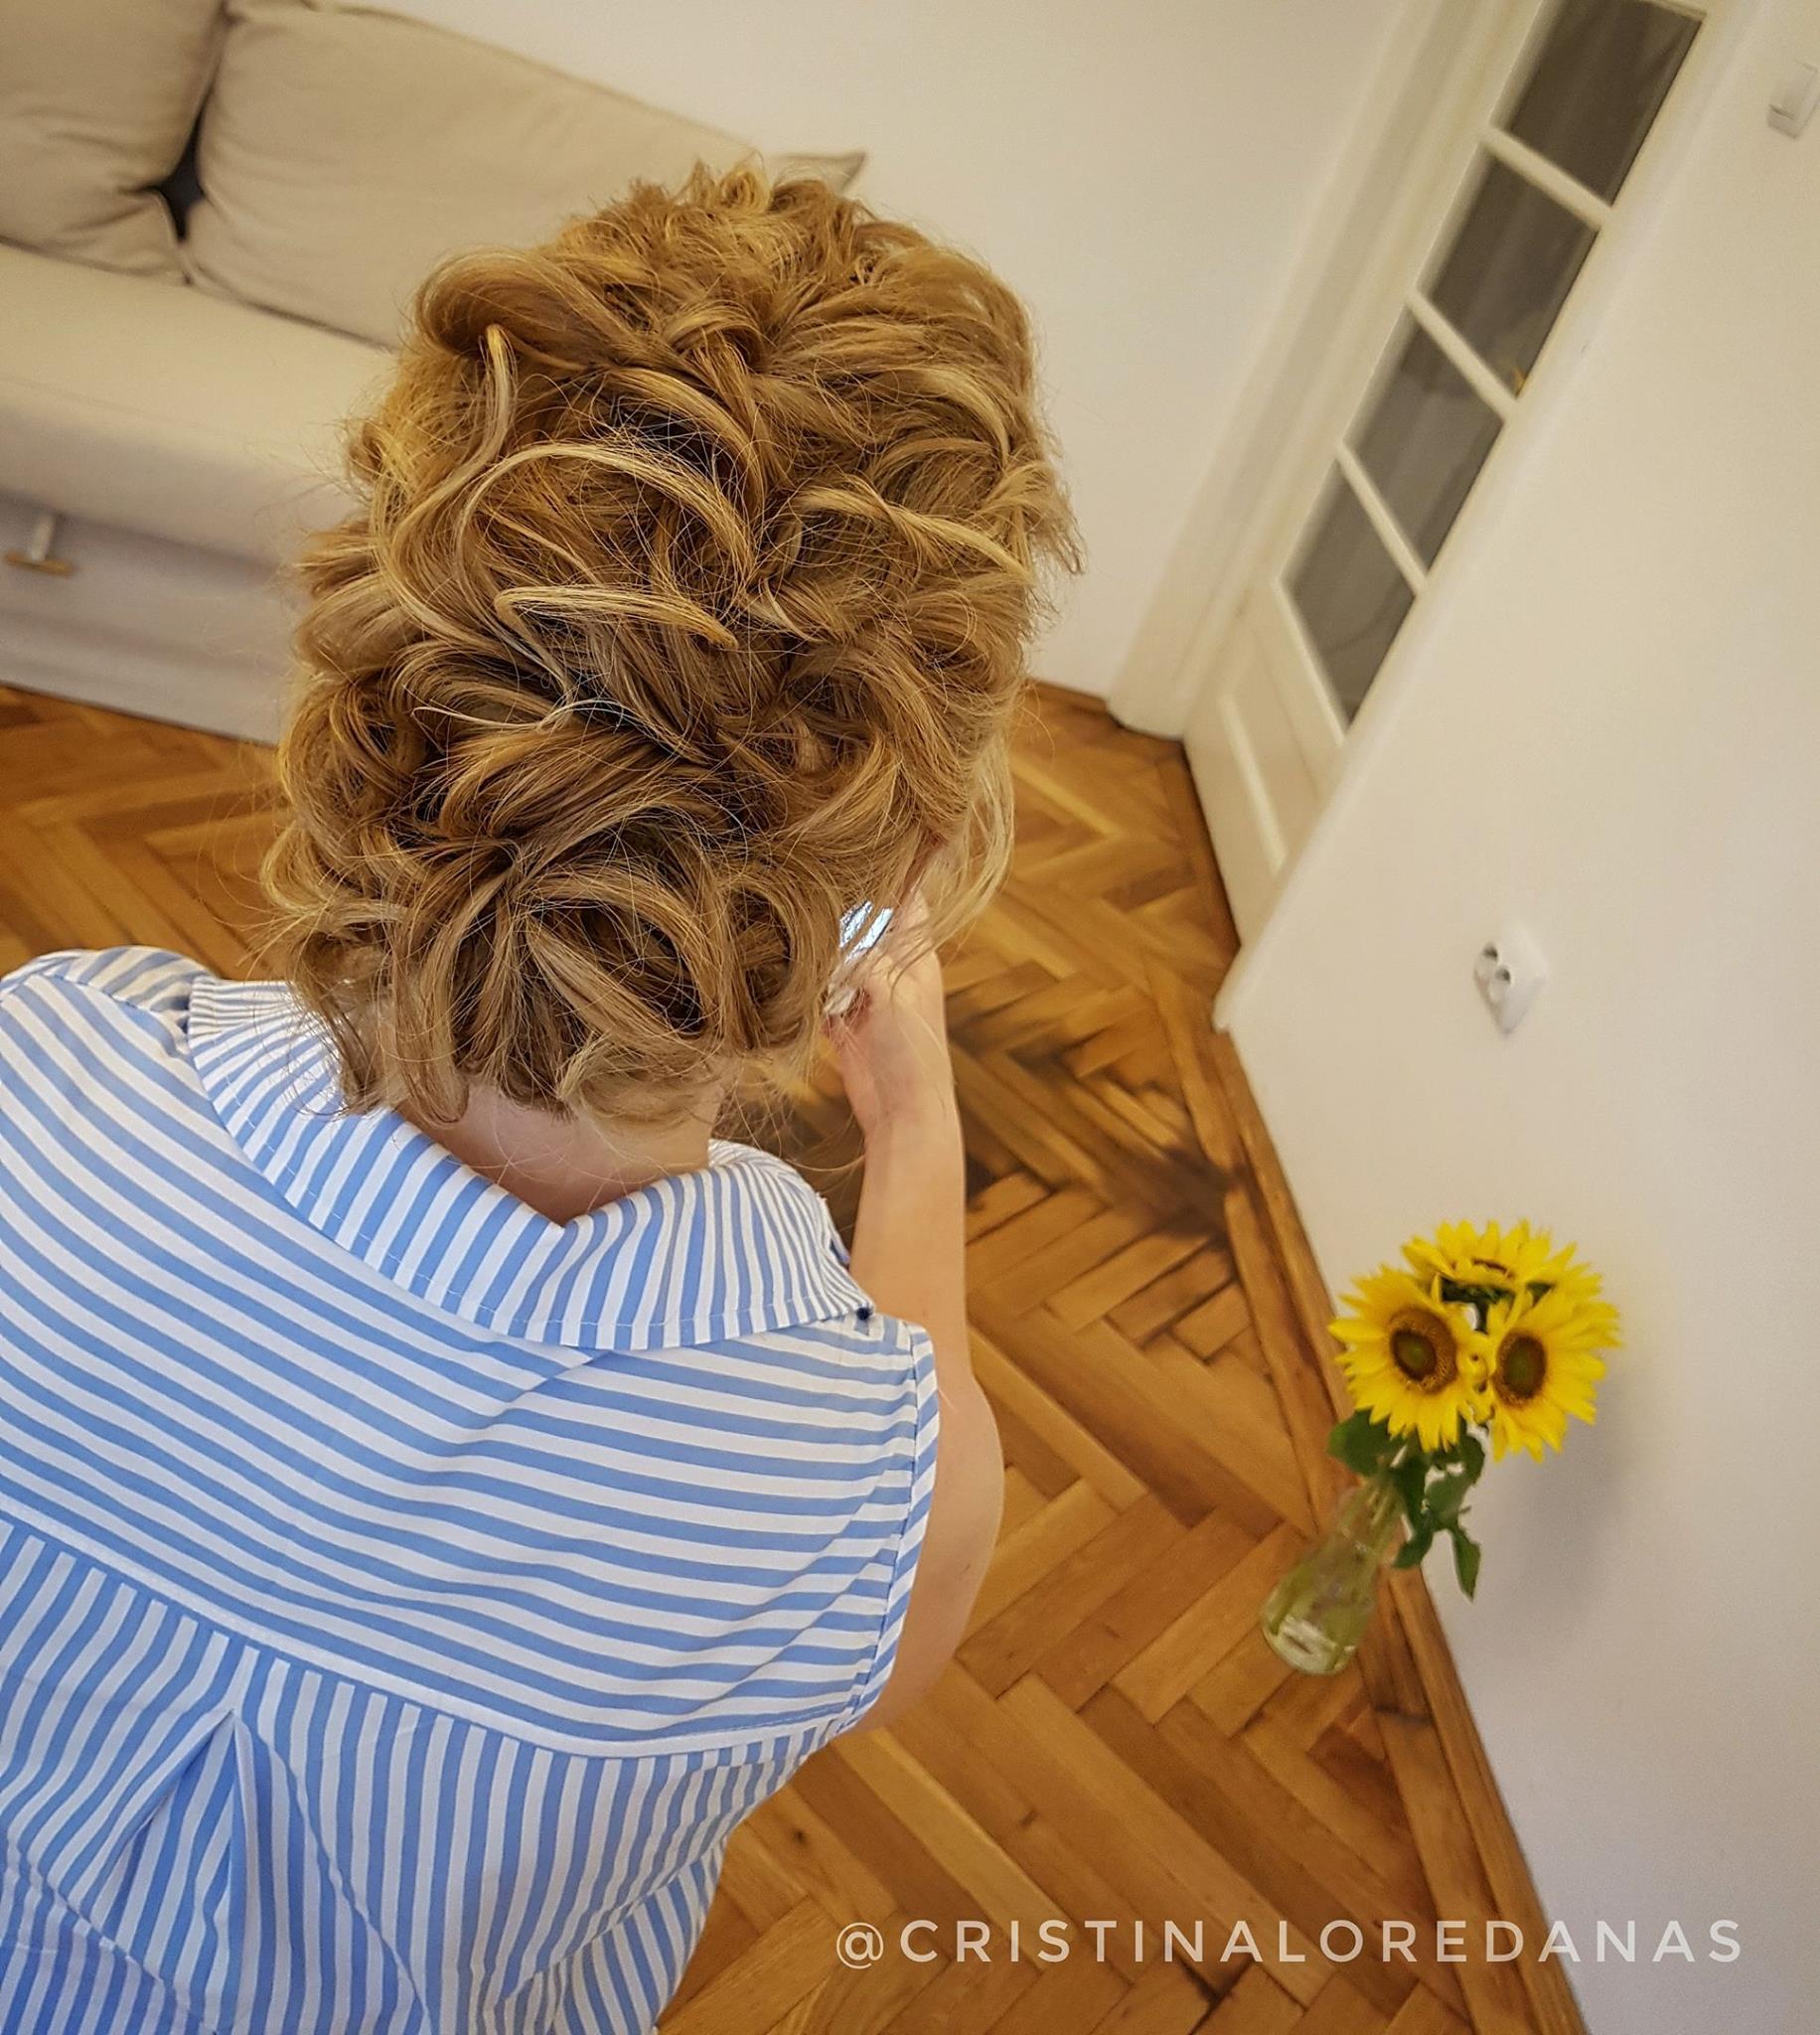 Coafuri Ocazie Cristinaloredanascom